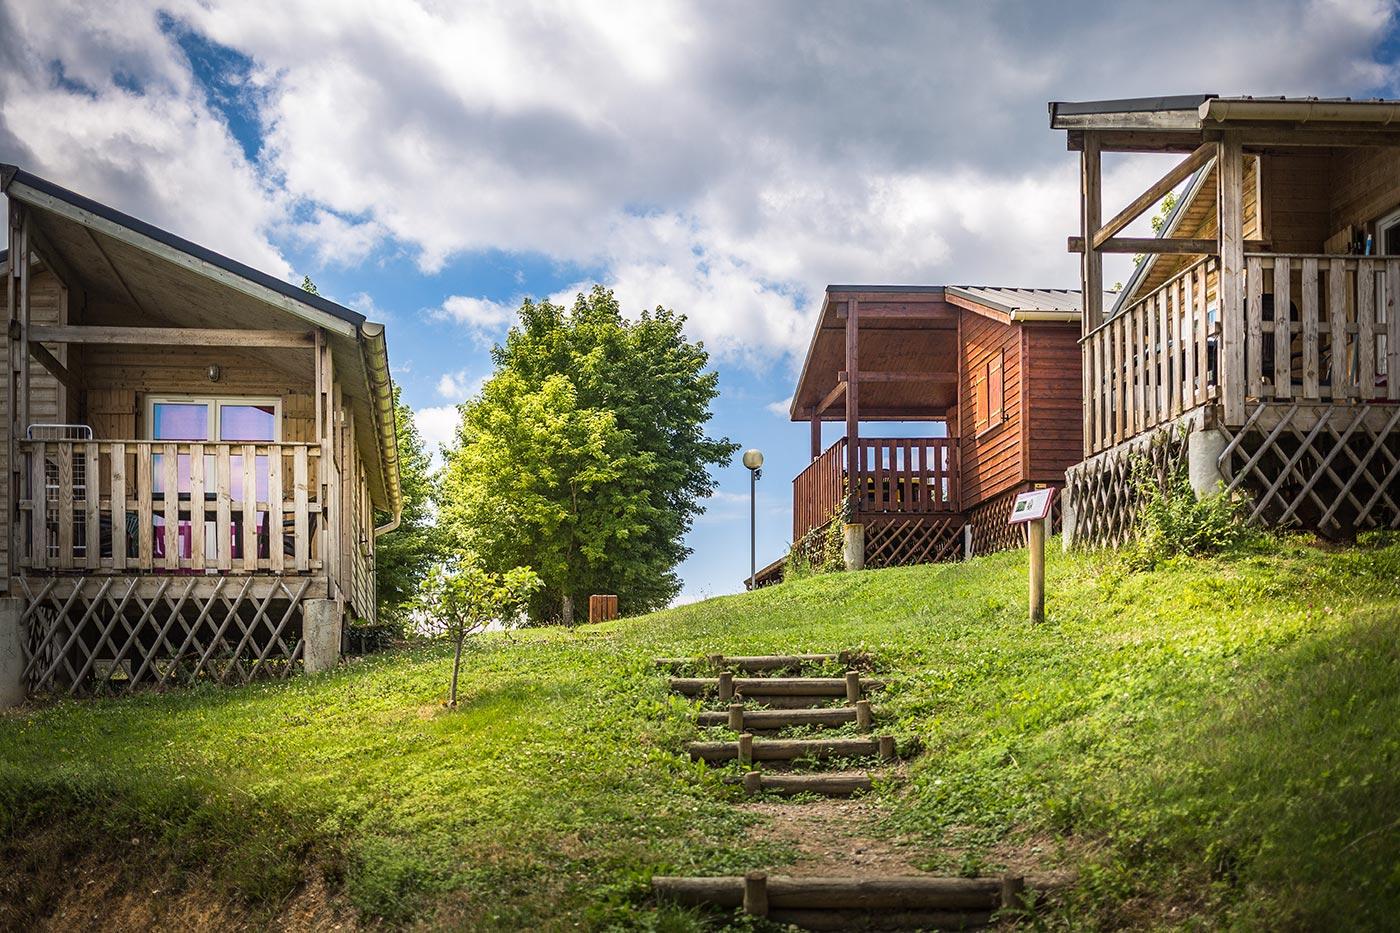 Réservez votre prochain séjour dans le camping VACAF dans le Tarn